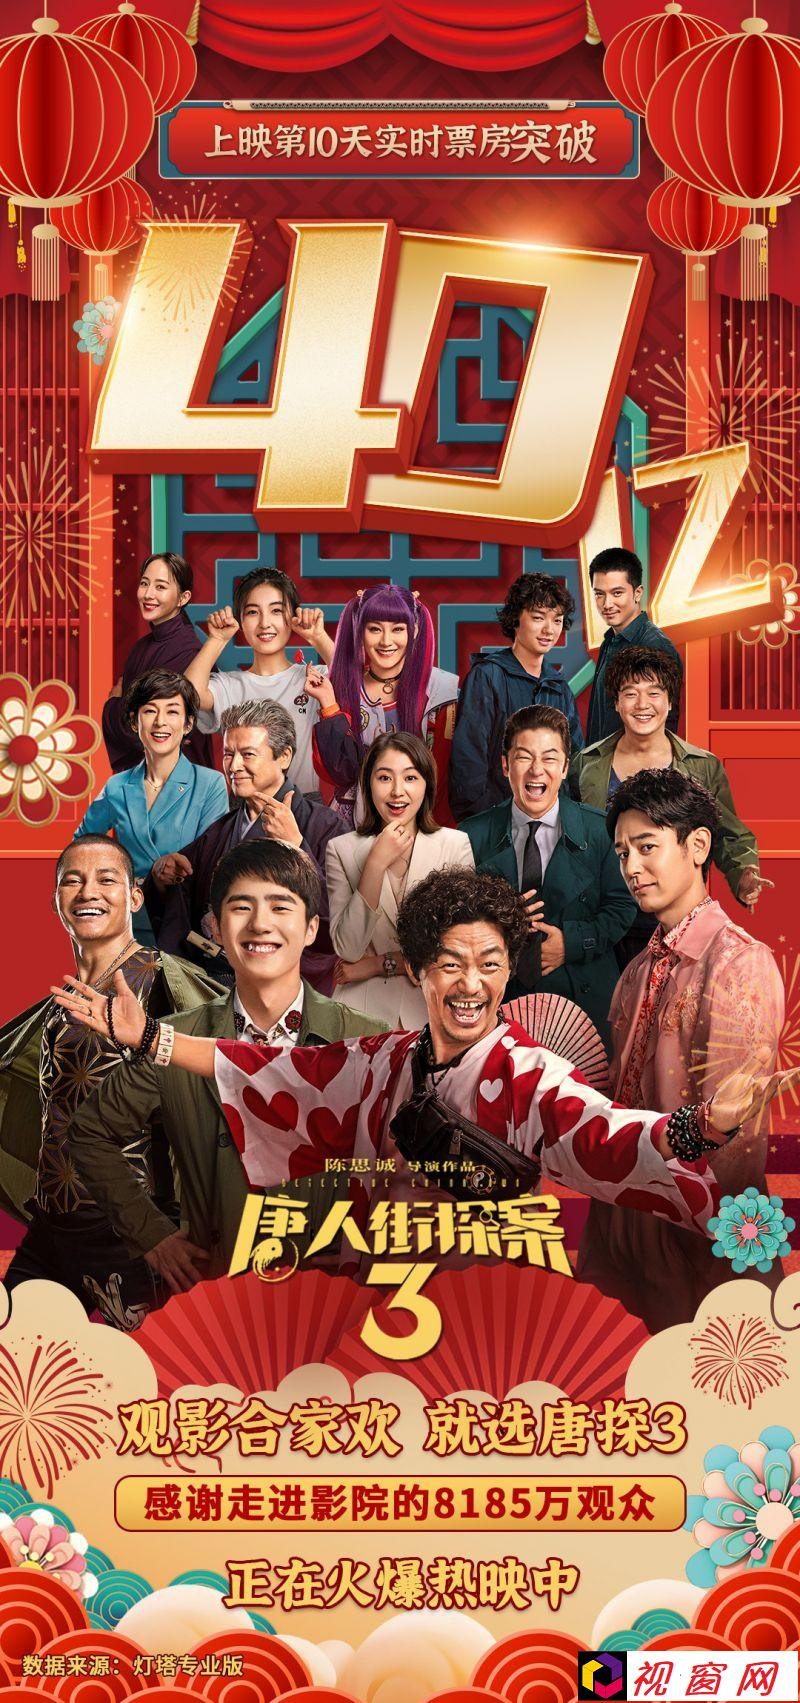 电影《唐人街探案3》票房破40亿,影史最快破40亿影片!